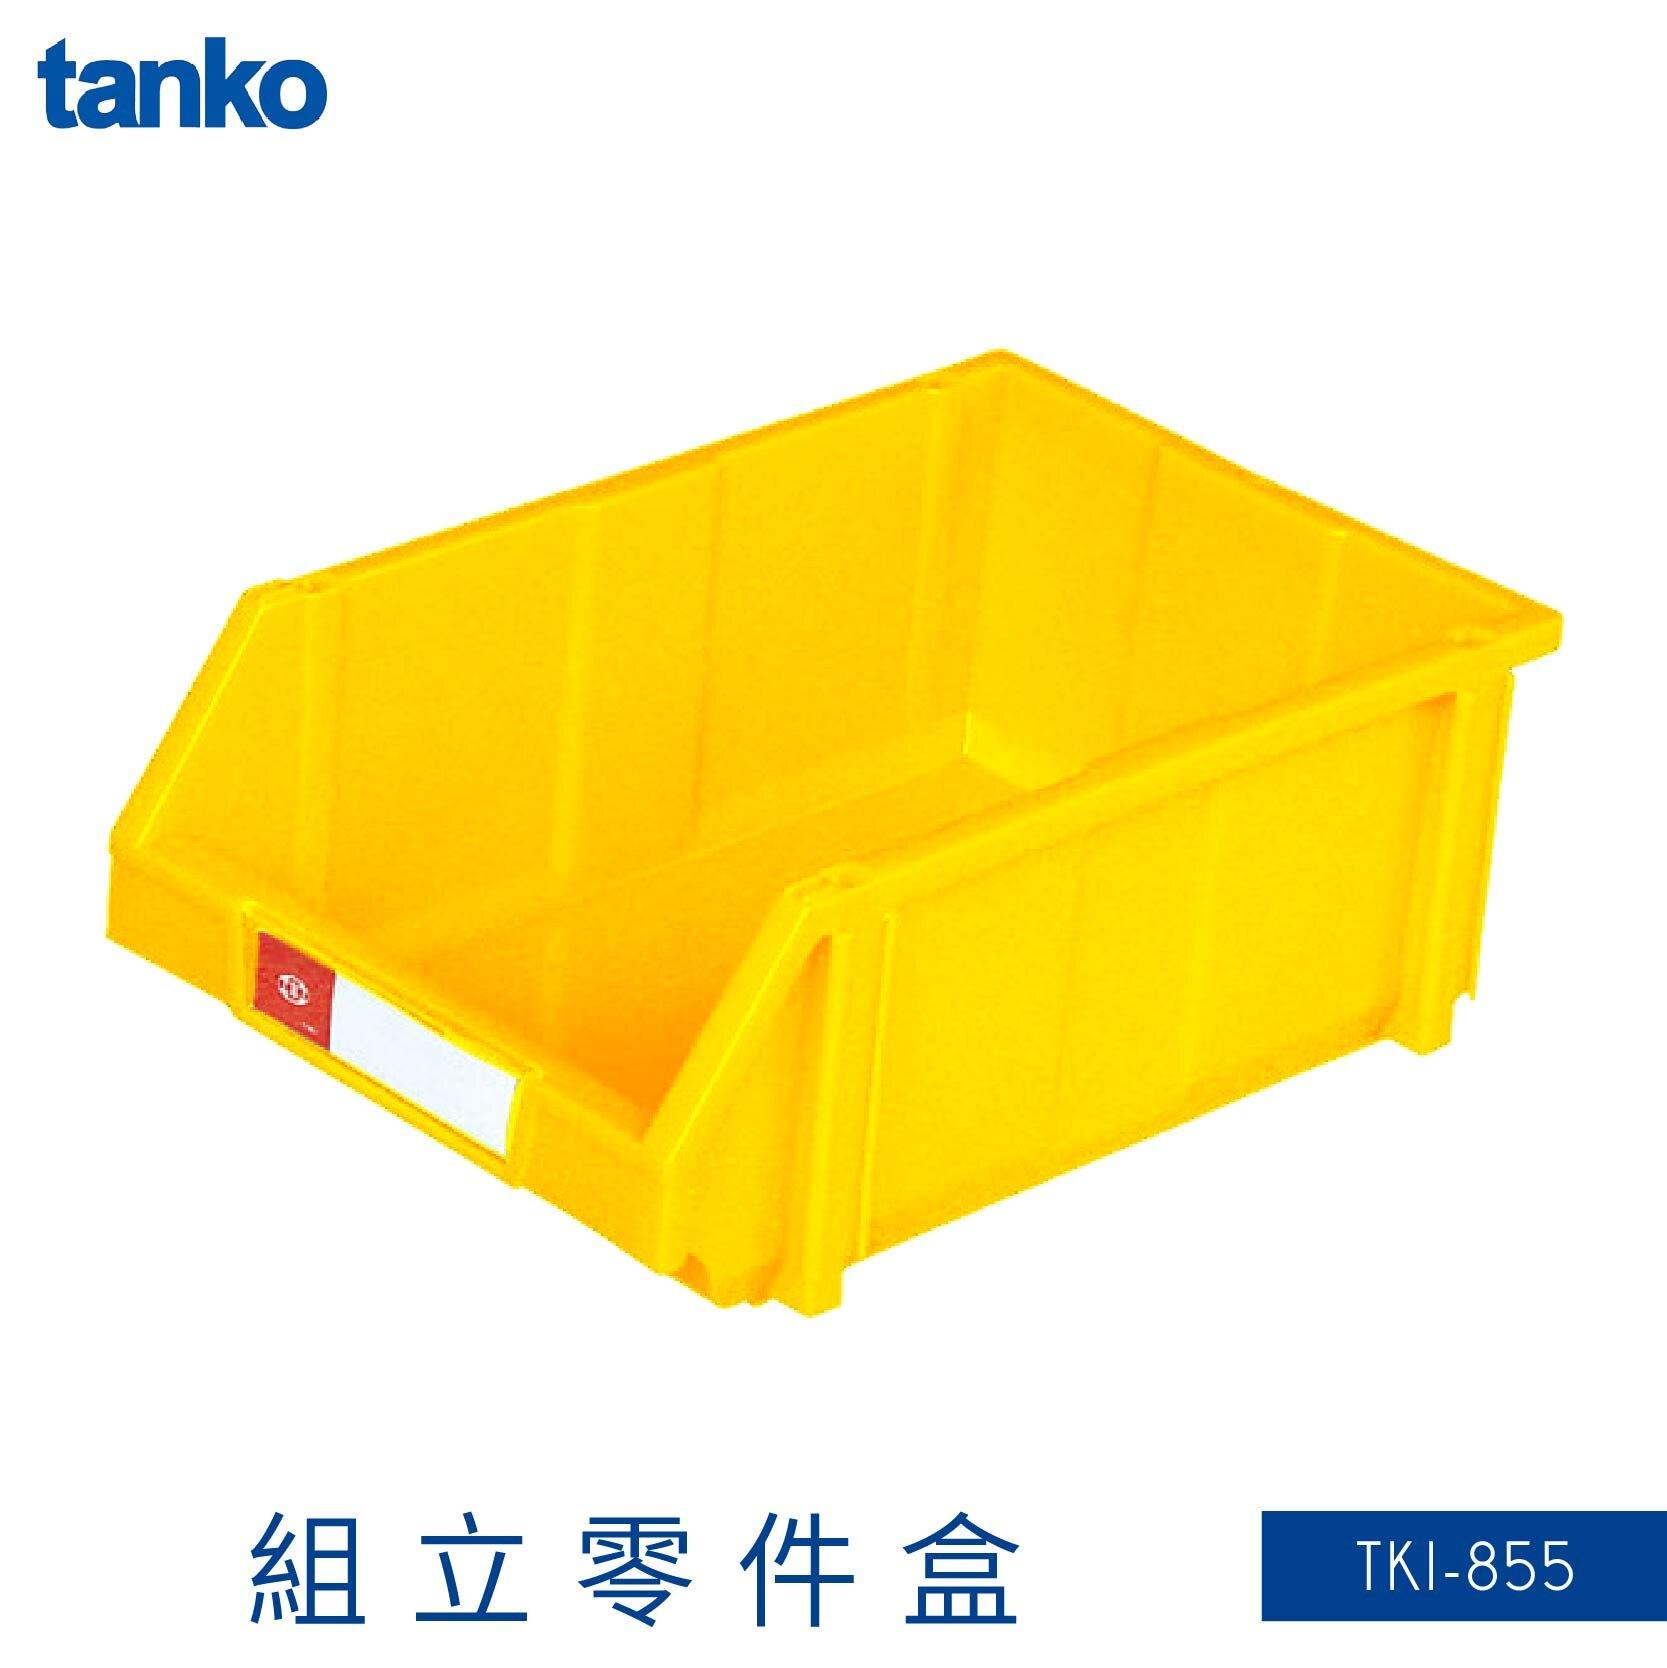 【堅固耐用】天鋼 TKI-855 黃 組立零件盒 耐衝擊 整理盒 車行 維修廠 收納盒 分類盒零件櫃 置物盒 零件箱